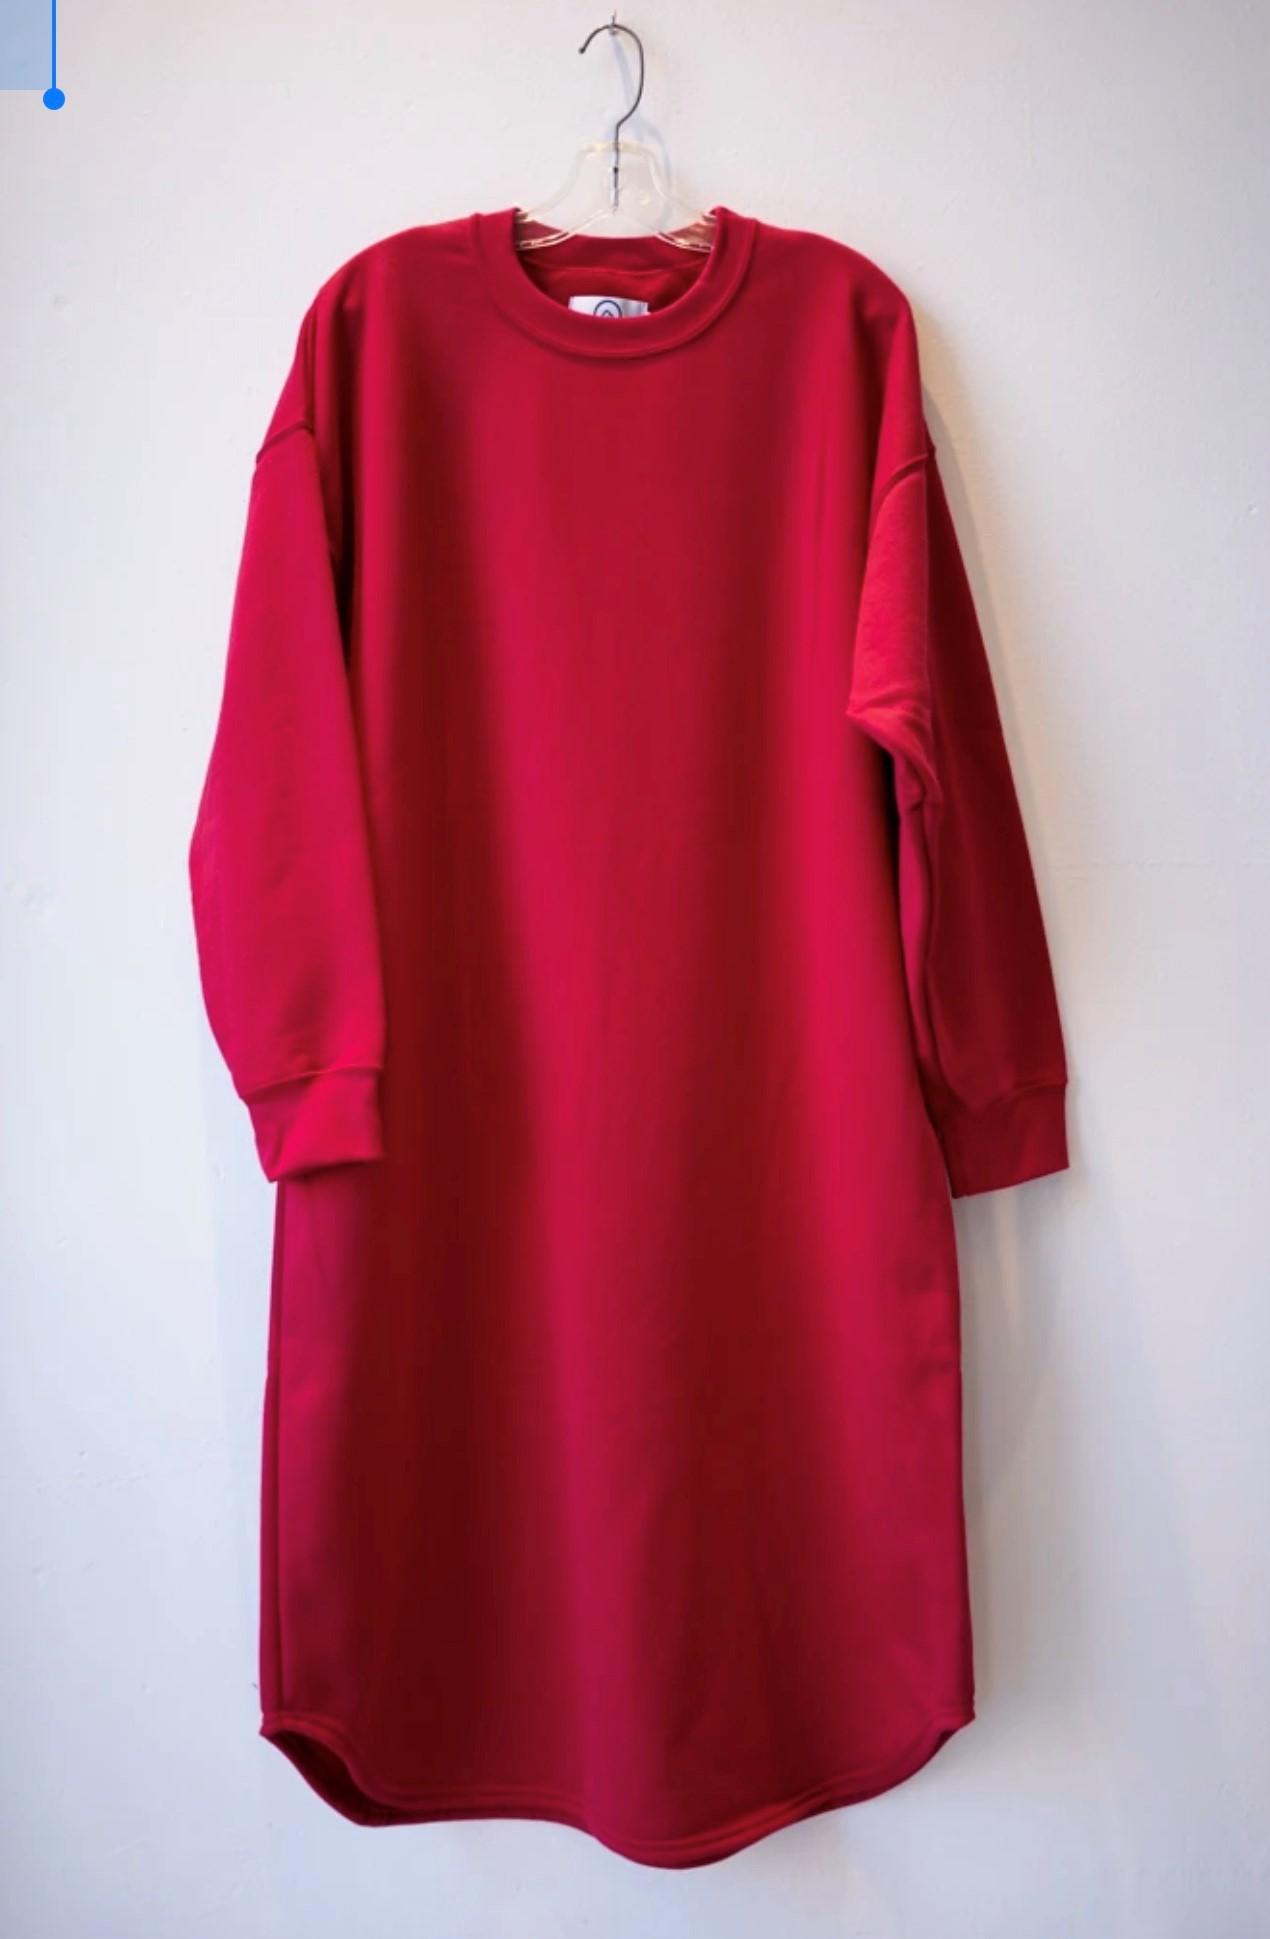 Cozy Fleece Lounger (The Wardrobe Bizaar) Image